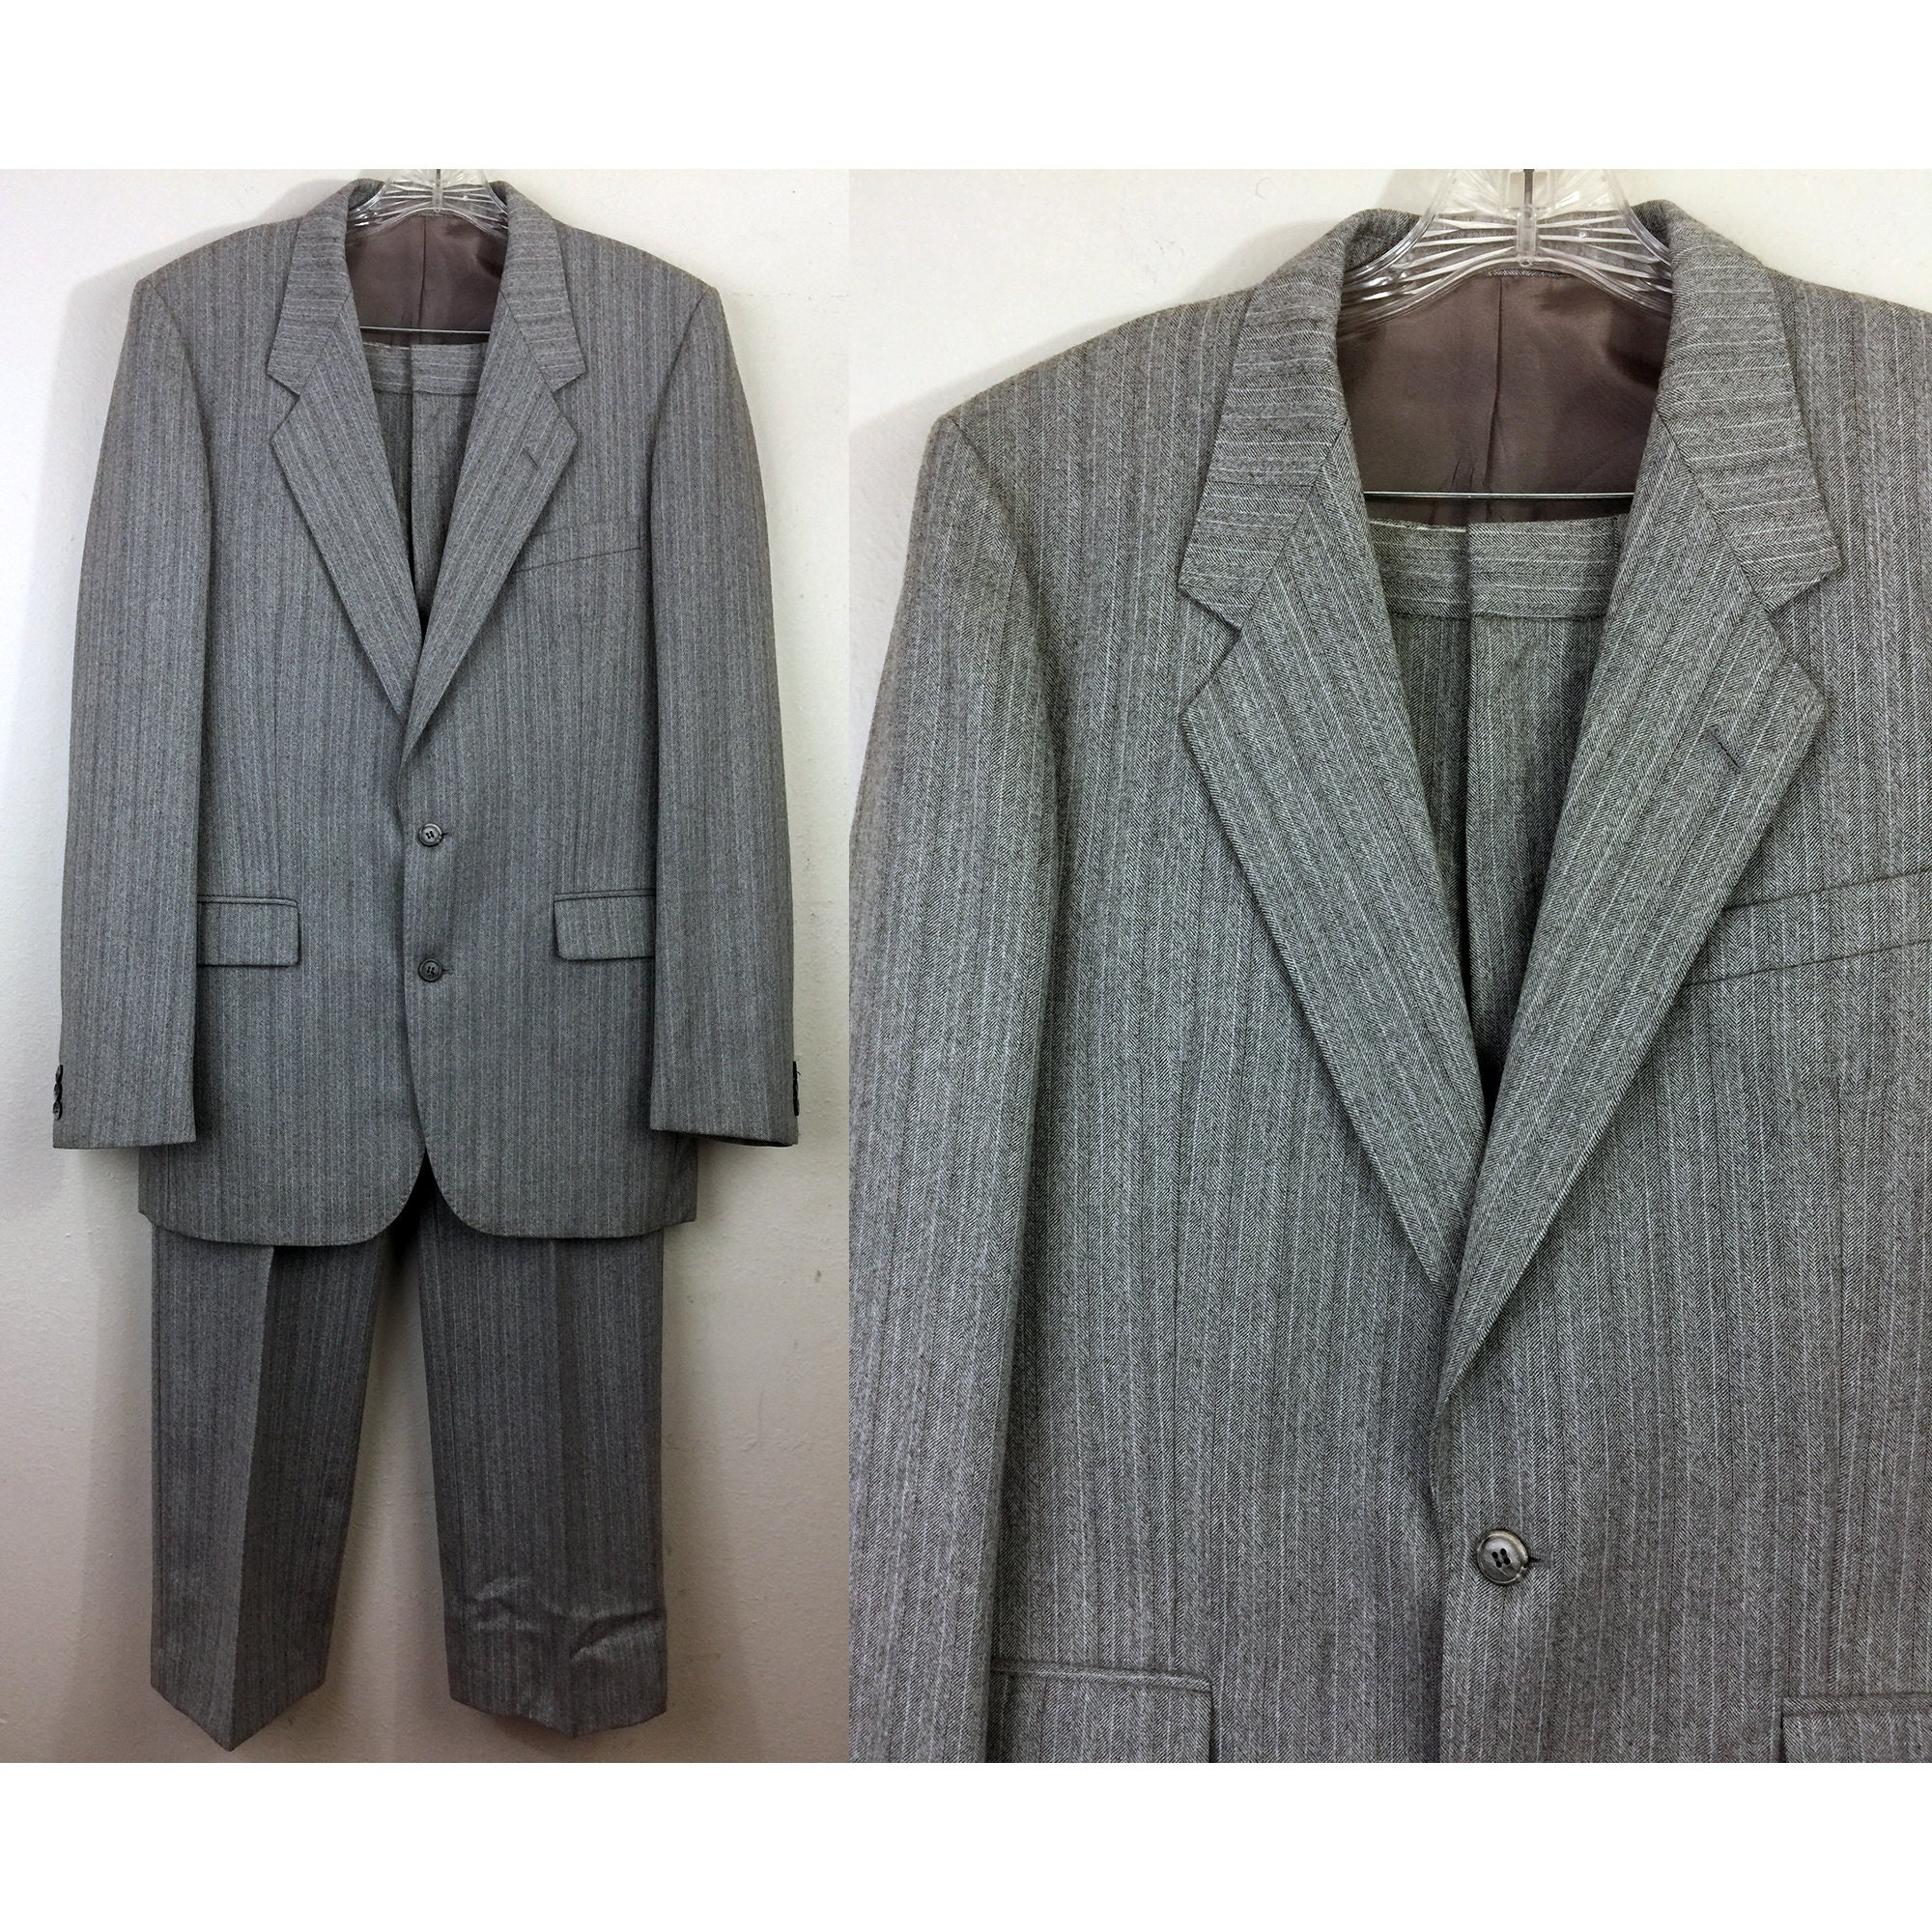 1960s – 70s Men's Ties | Skinny Ties, Slim Ties Vintage 60S Mens 2 Piece Suit Gray Wool Pinstripe Jacket  Pants W33 $0.00 AT vintagedancer.com